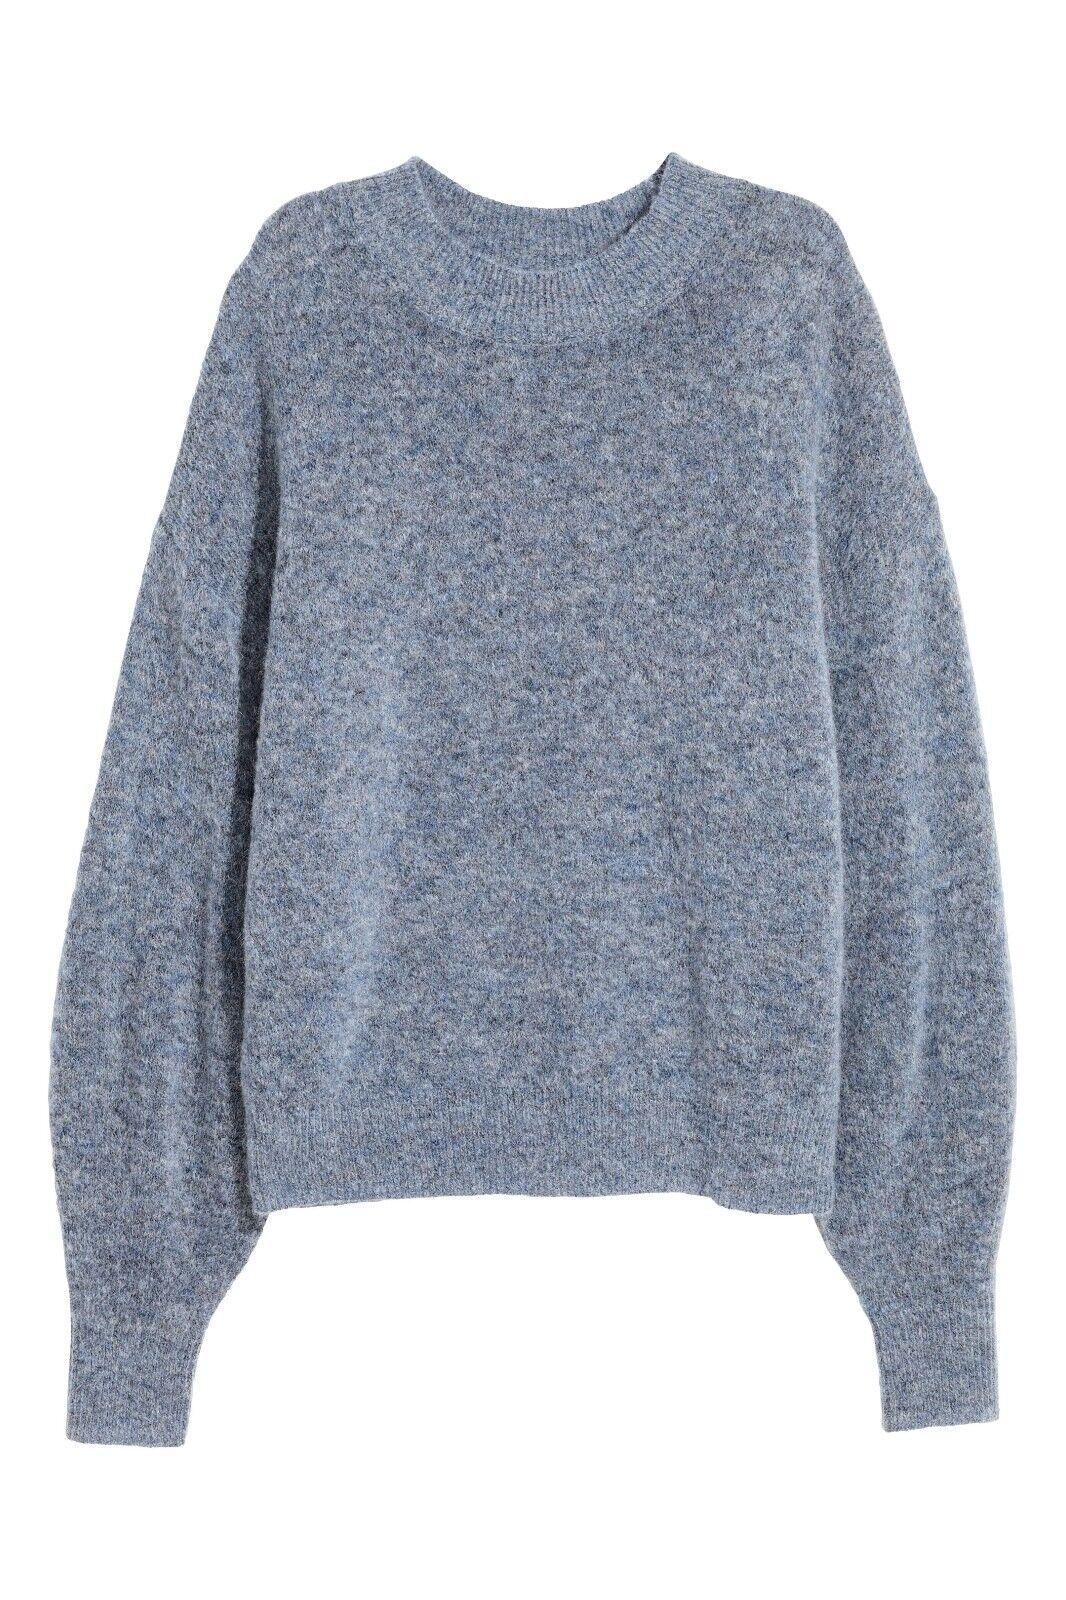 NWT - Soft Knit Mohair Blend H&M bluee Marl Sweater, Size XL